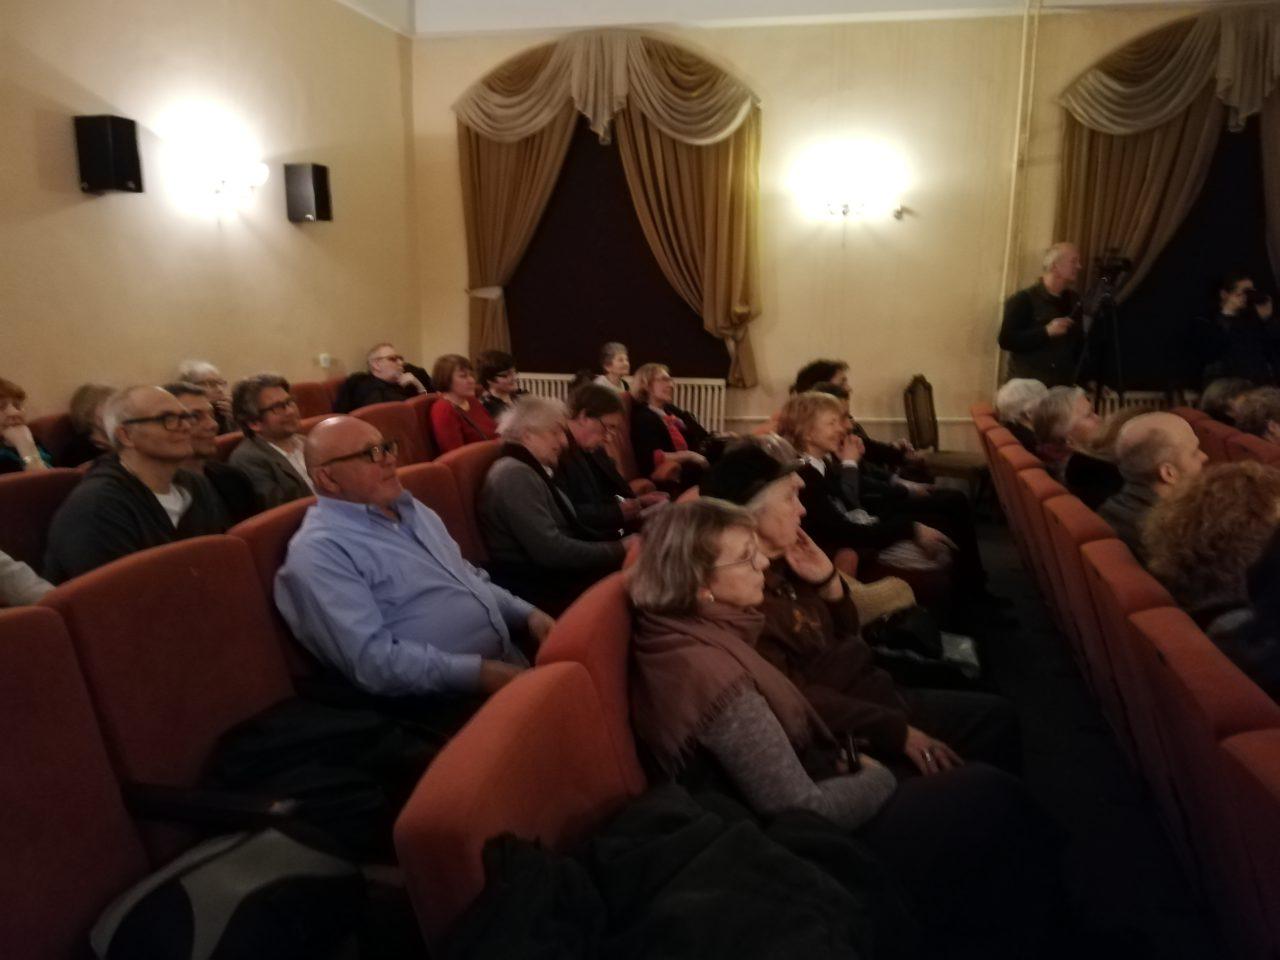 Санкт-Петербург. Секция научно-популярного кино провела вечер памяти режиссера Альберта Мартыненко